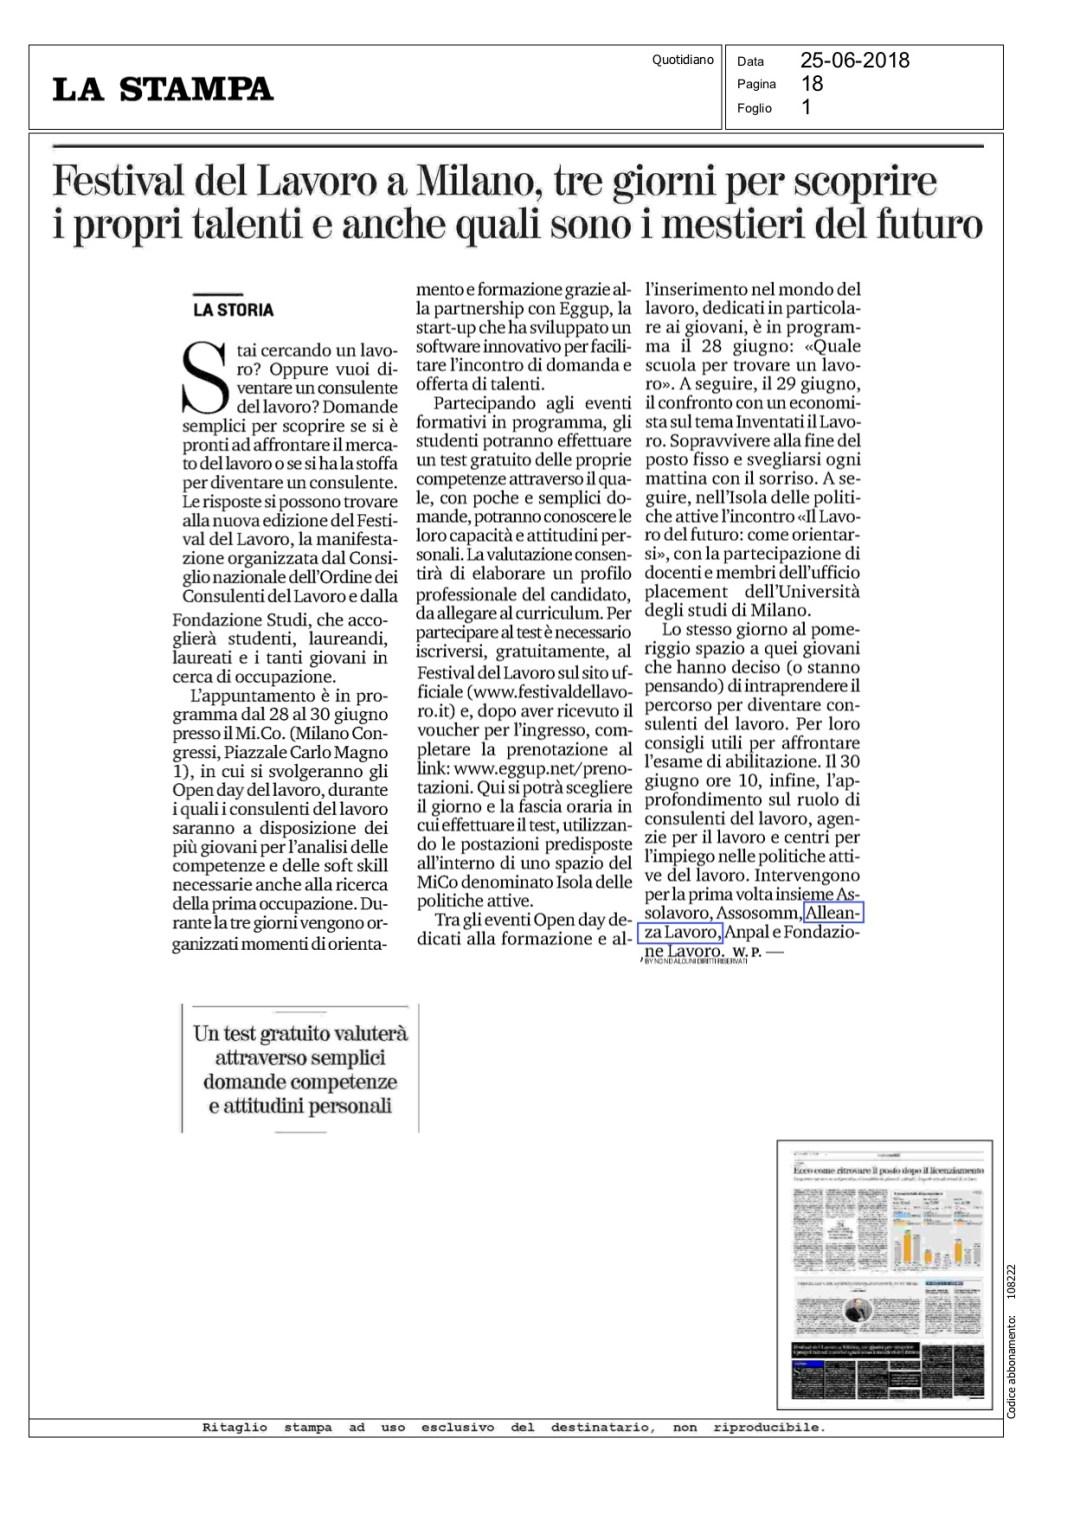 La Stampa: Festival del Lavoro a Milano, tre giorni per scoprire i propri talenti e anche quali sono i mestieri del futuro